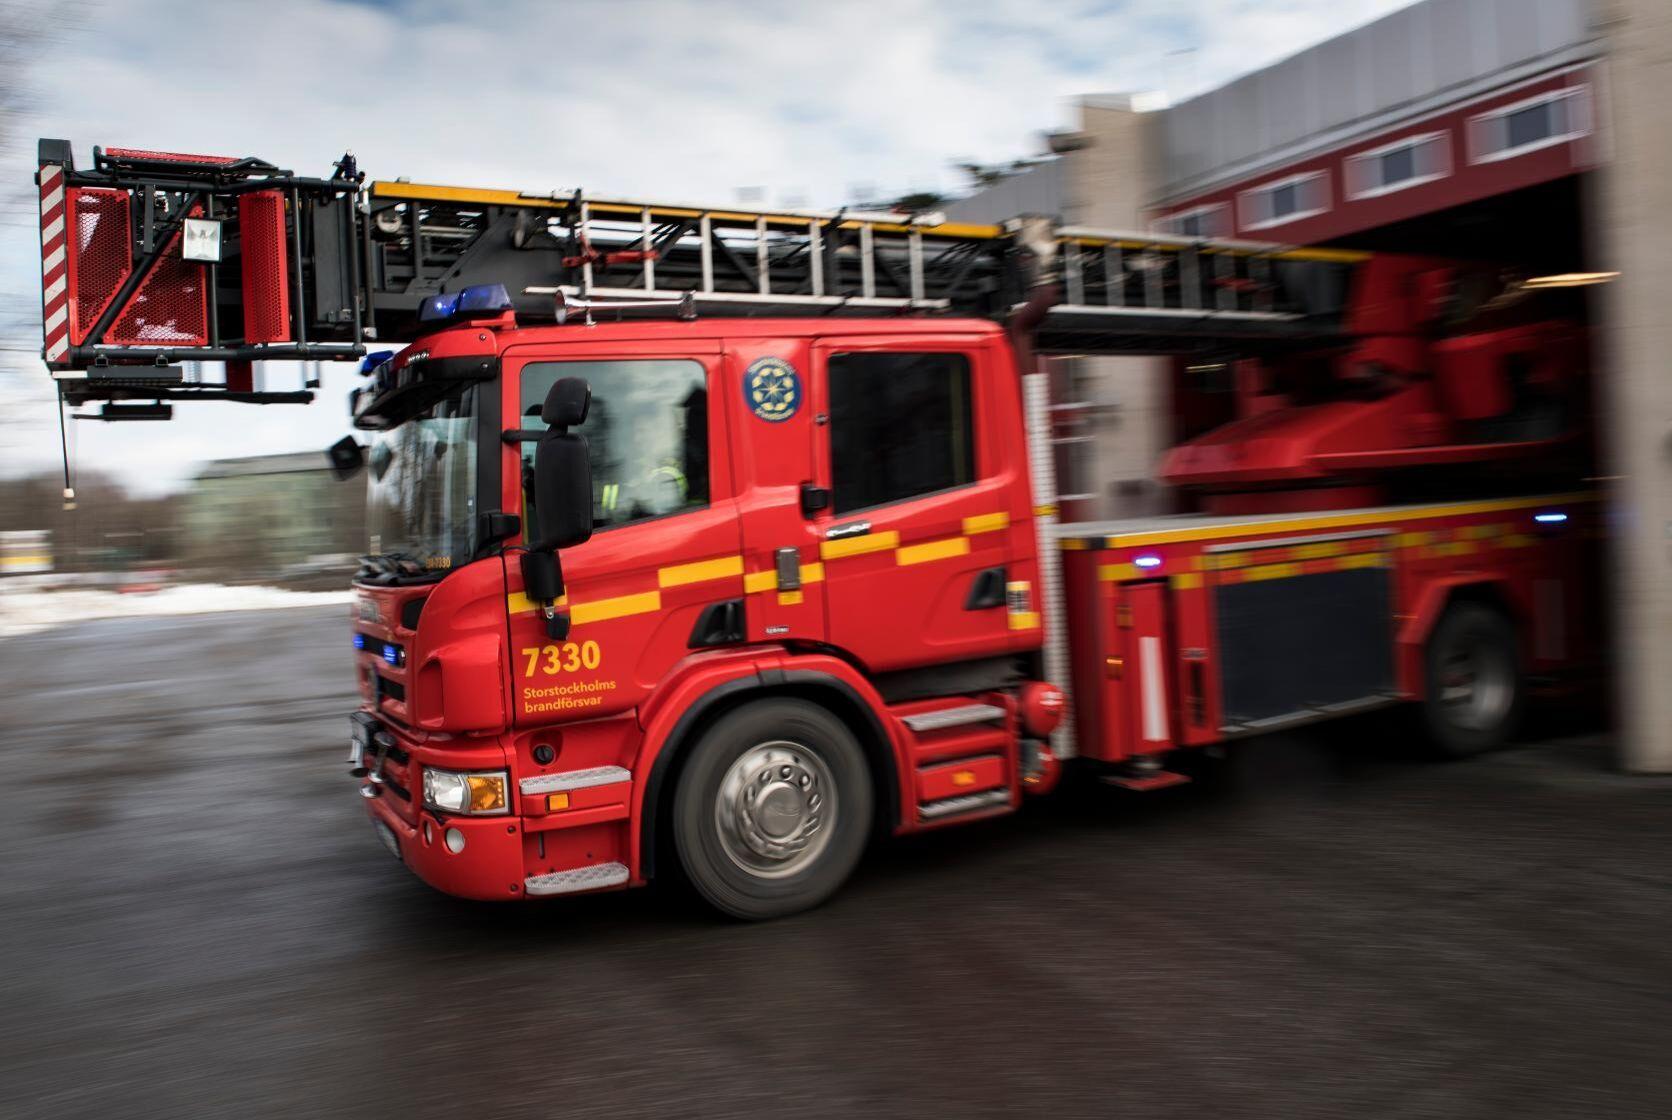 Hundratals ton toalettpapper har förstörts i en brand på Metsäs pappersbruk i småländska Kvillsfors. Arkivbild.